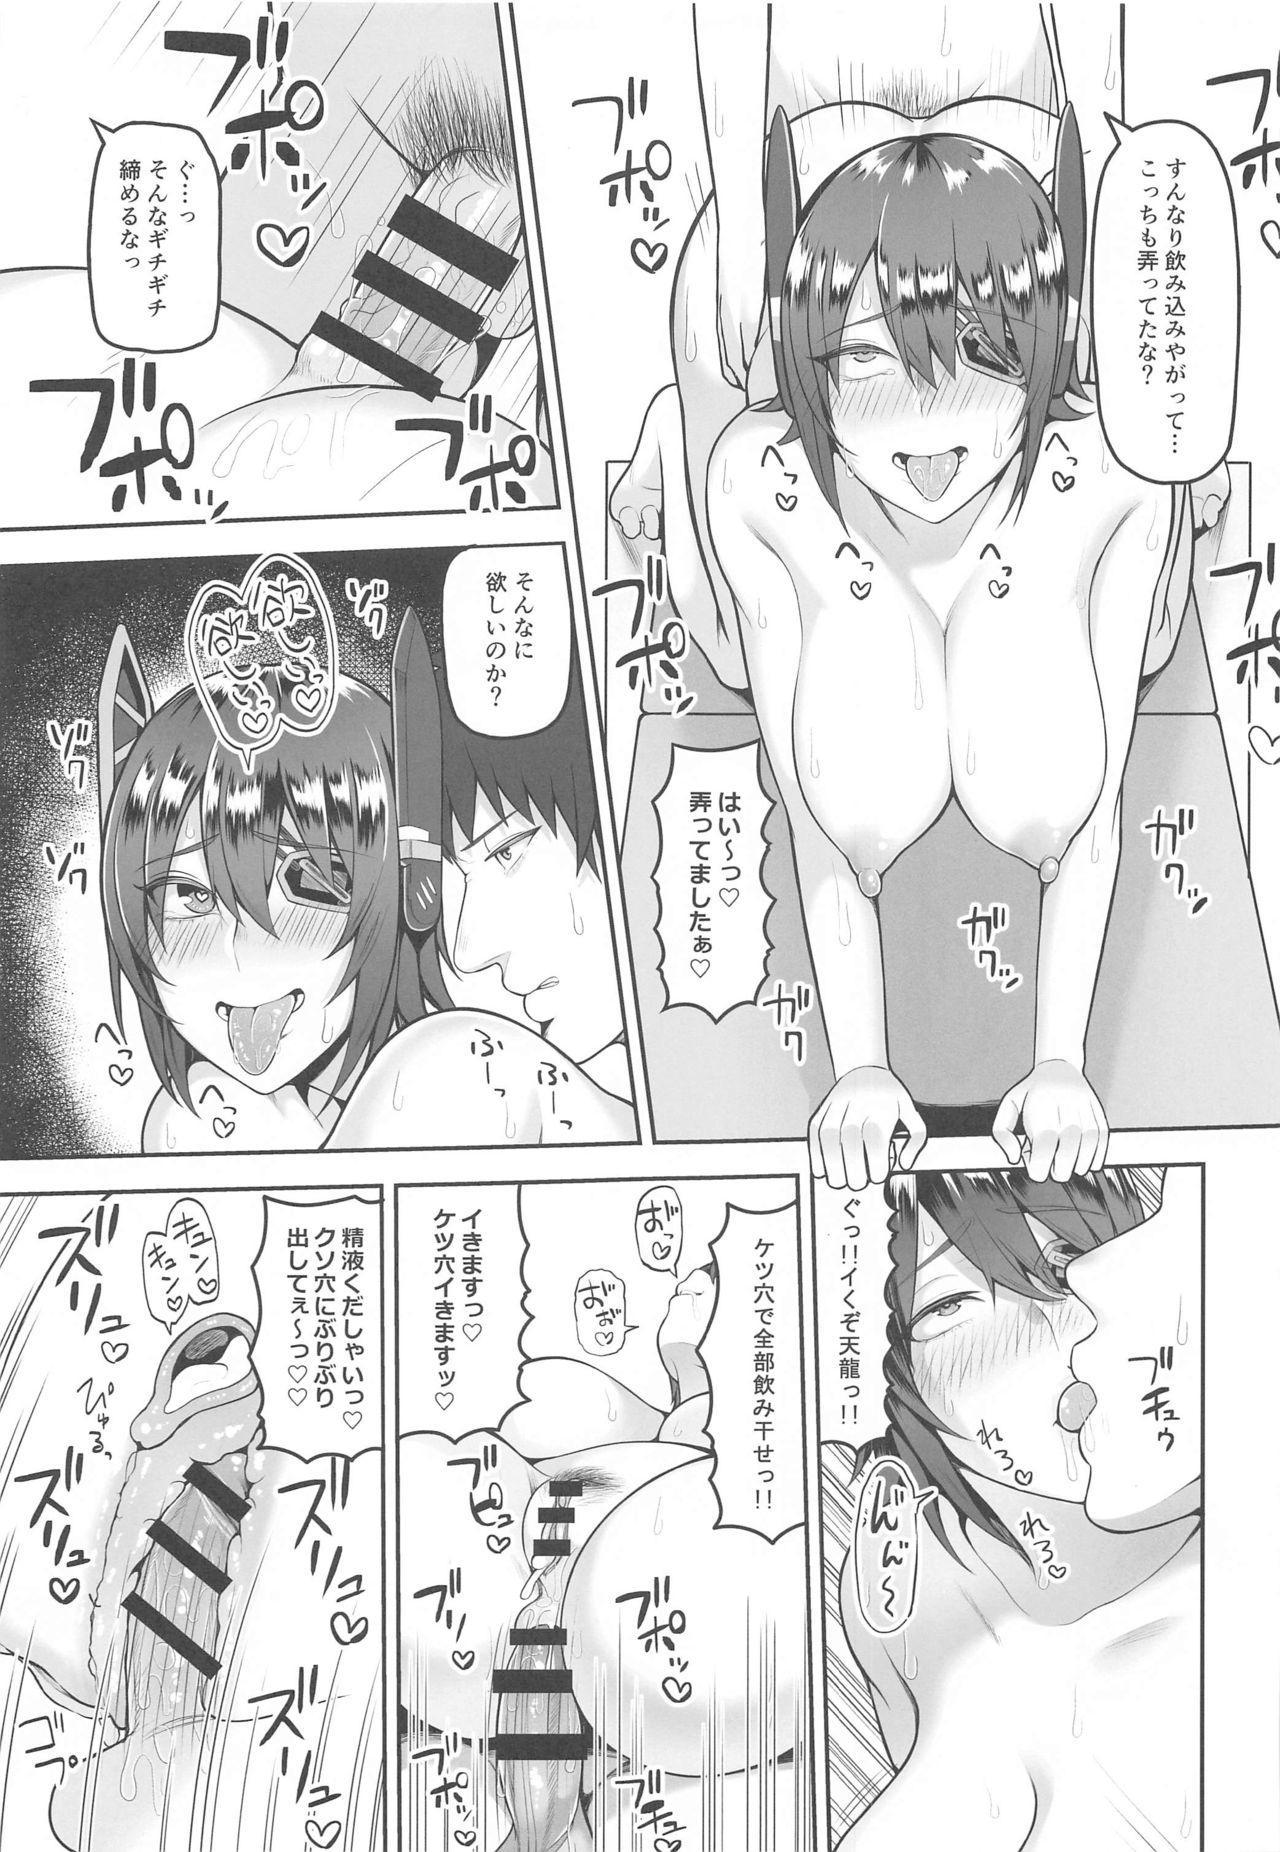 Yasen ni Ikitai Tenryuu-chan 19